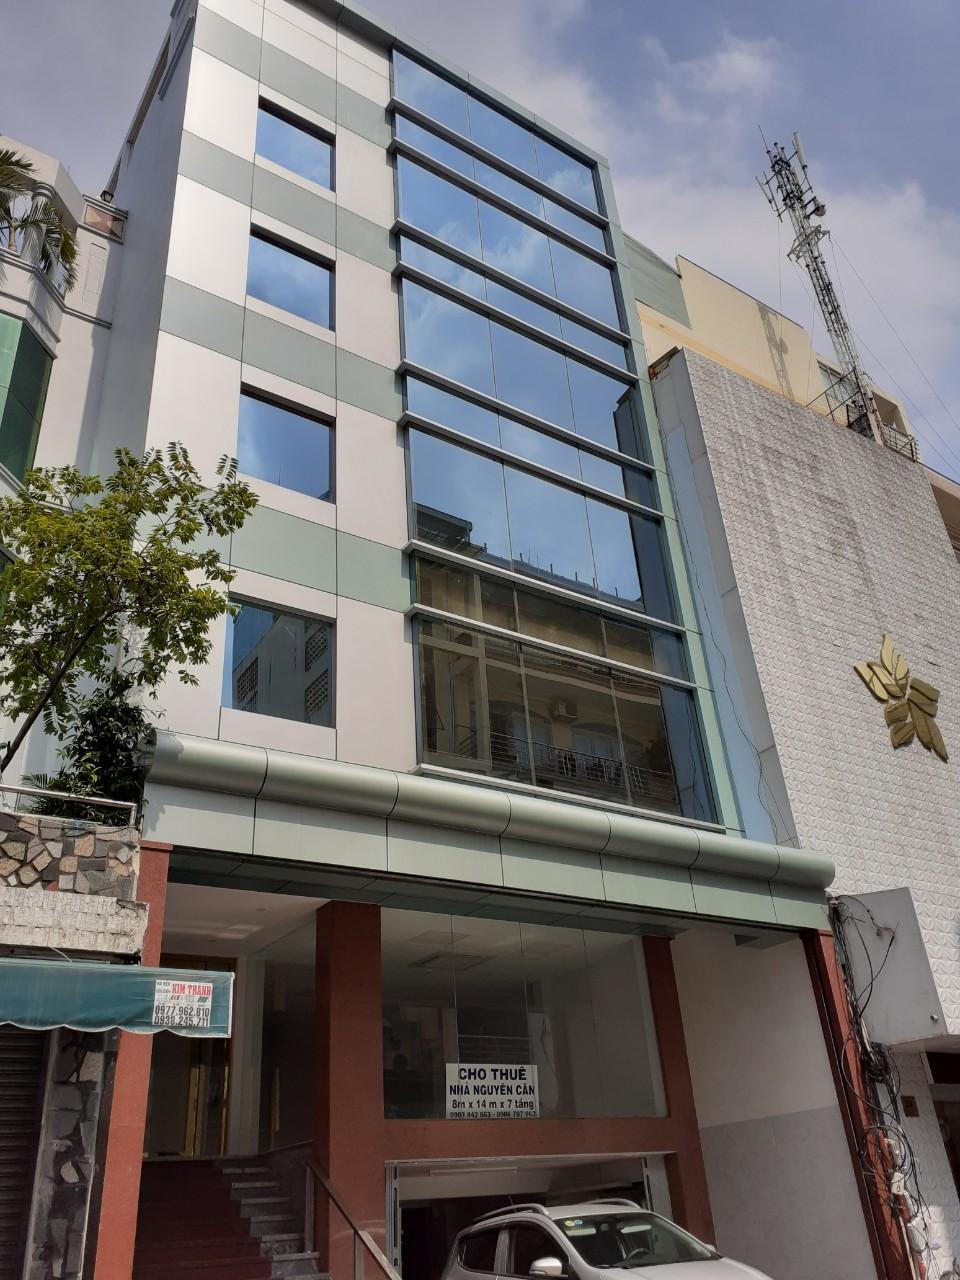 Cho thuê nhà mặt tiền đường Hồ Xuân Hương quận 3